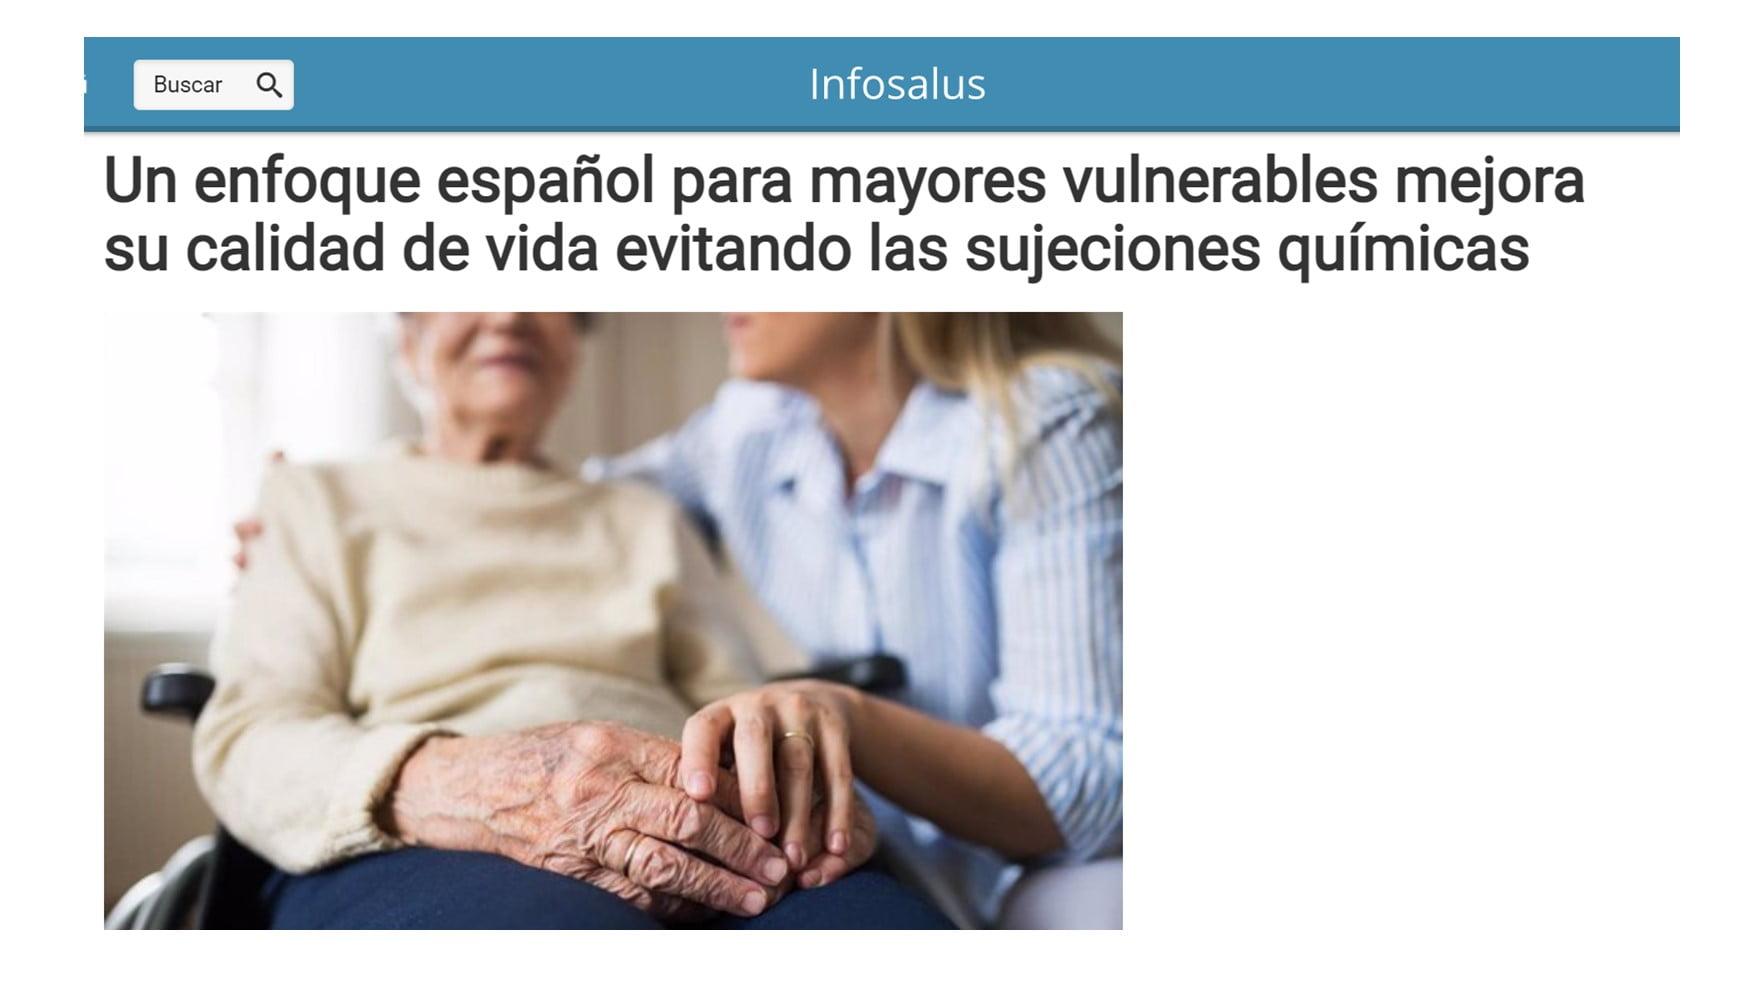 """""""Un enfoque español para mayores vulnerables mejora su calidad de vida evitando las sujeciones químicas"""""""